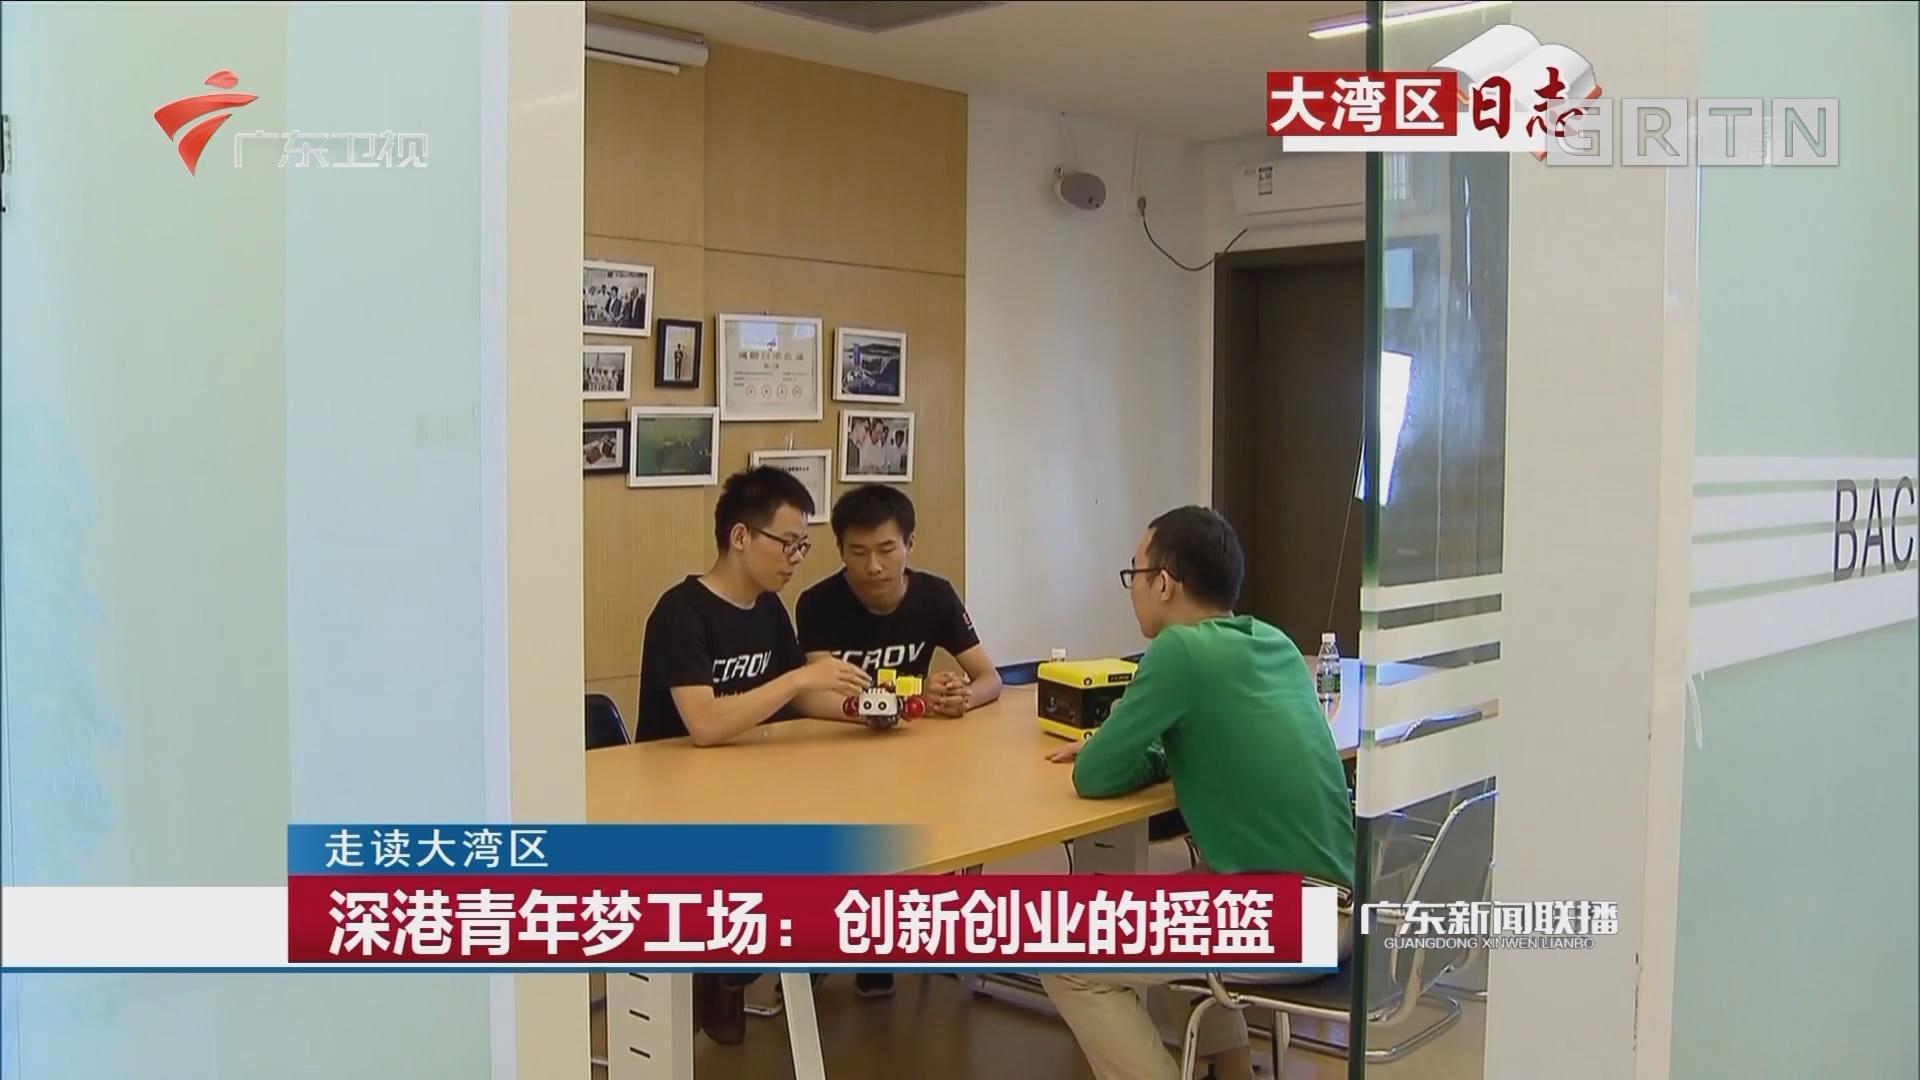 深港青年梦工场:创新创业的摇篮